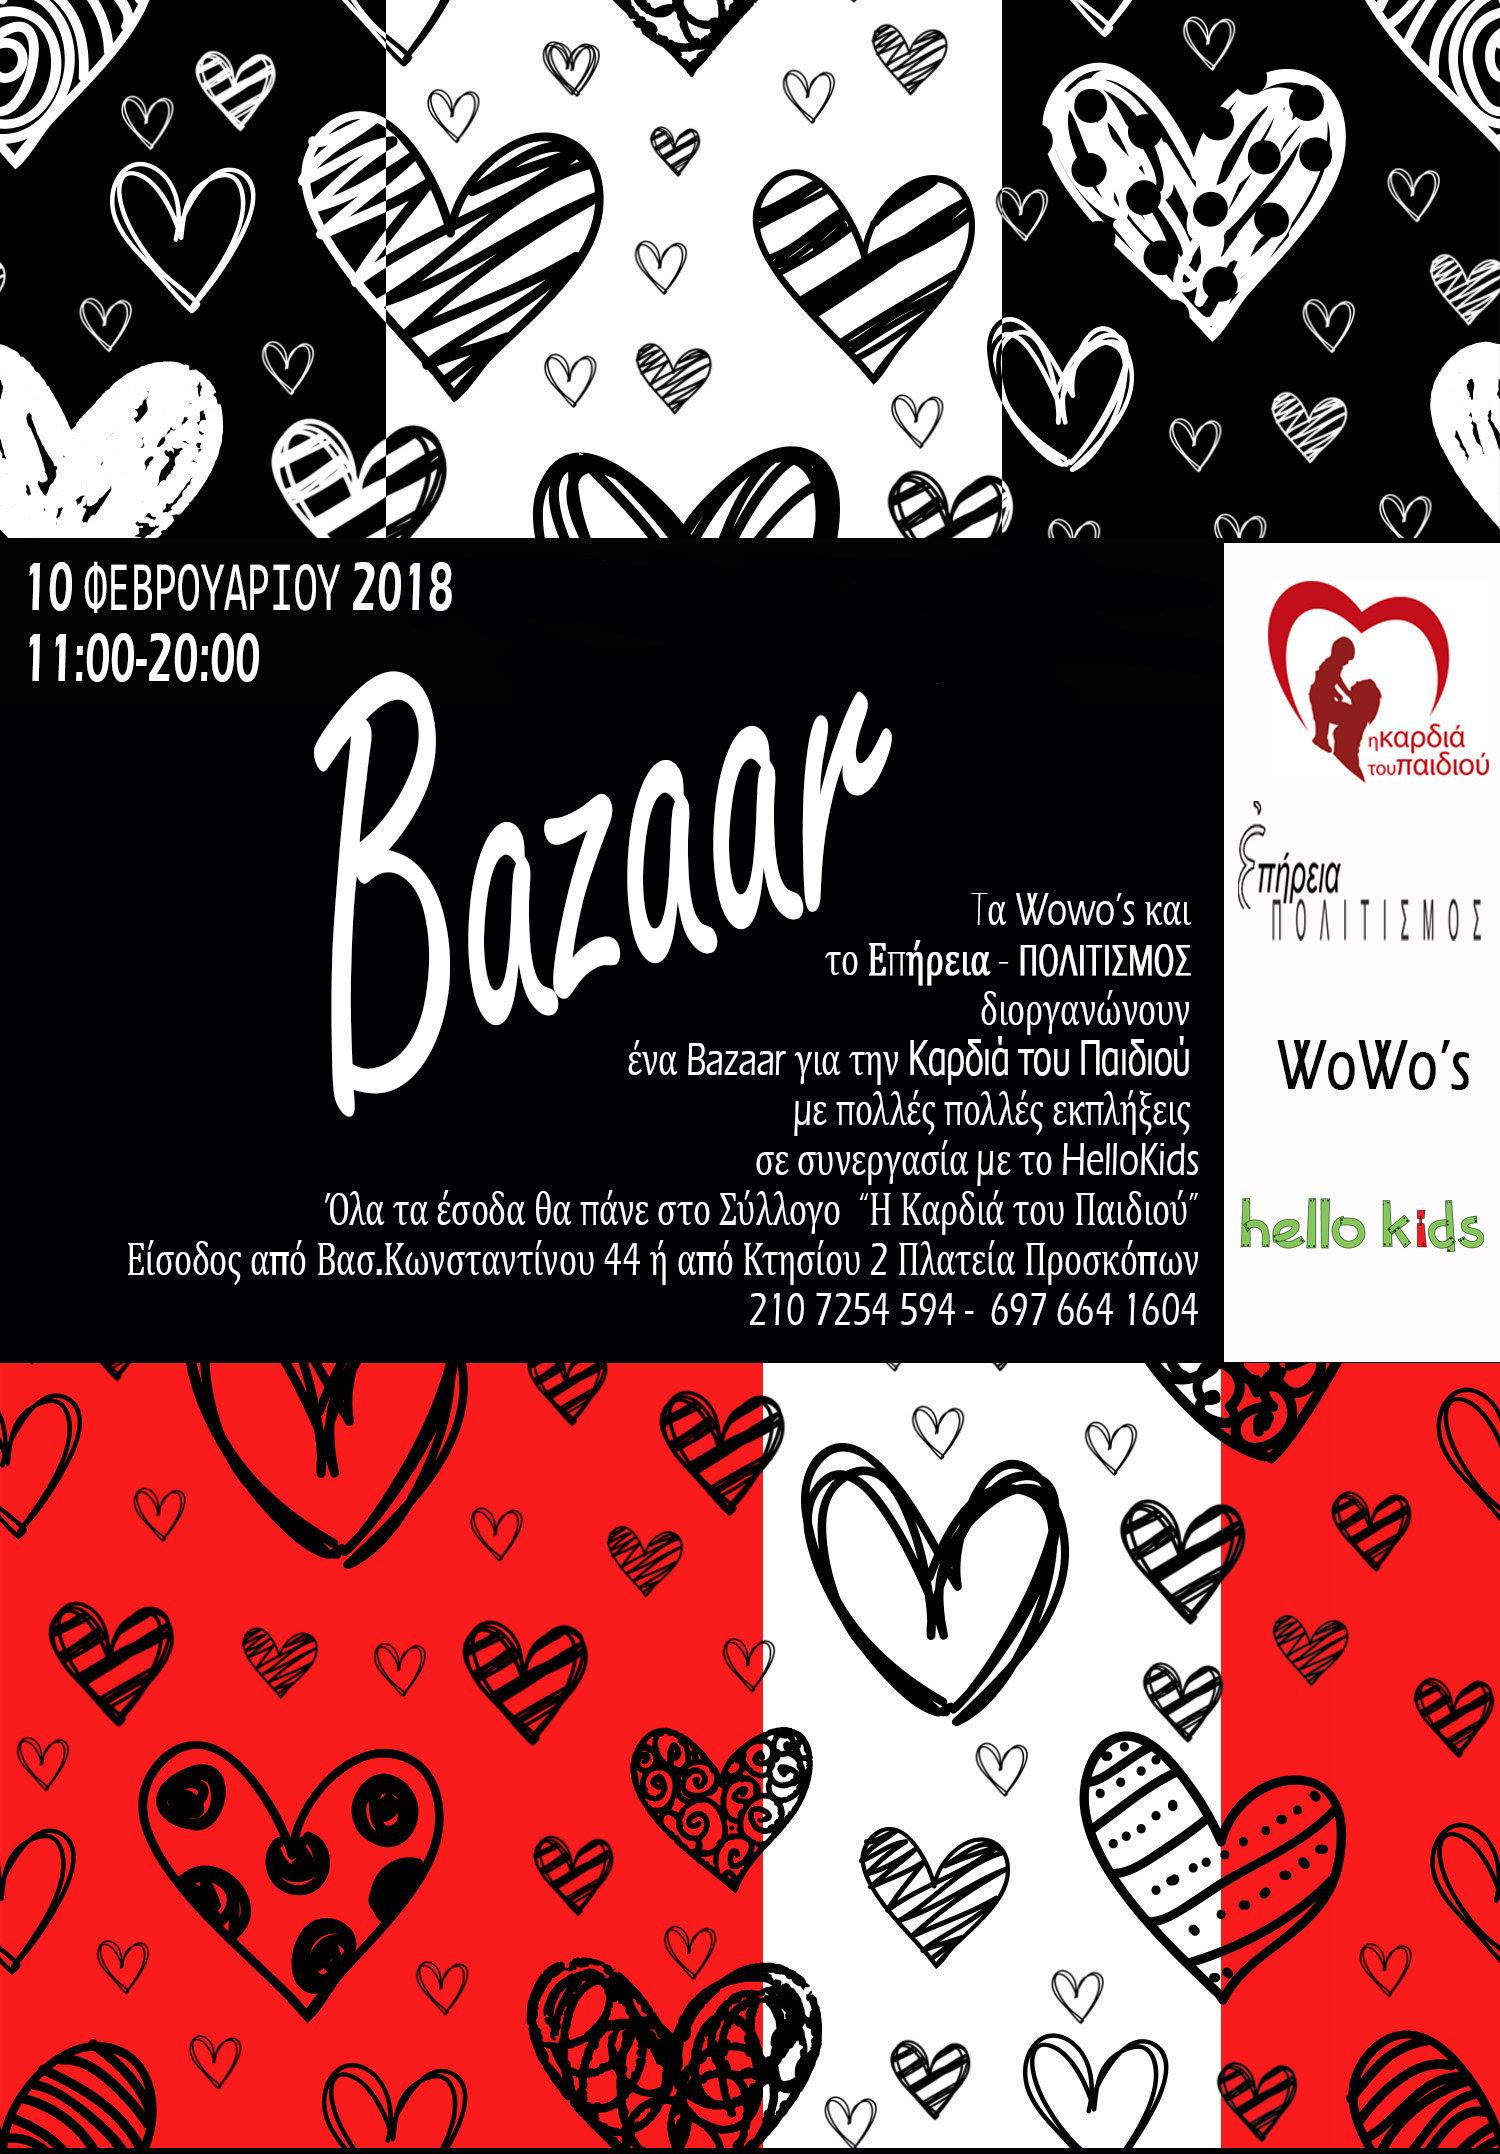 Wowo's bazaar για την Καρδιά του Παιδιού